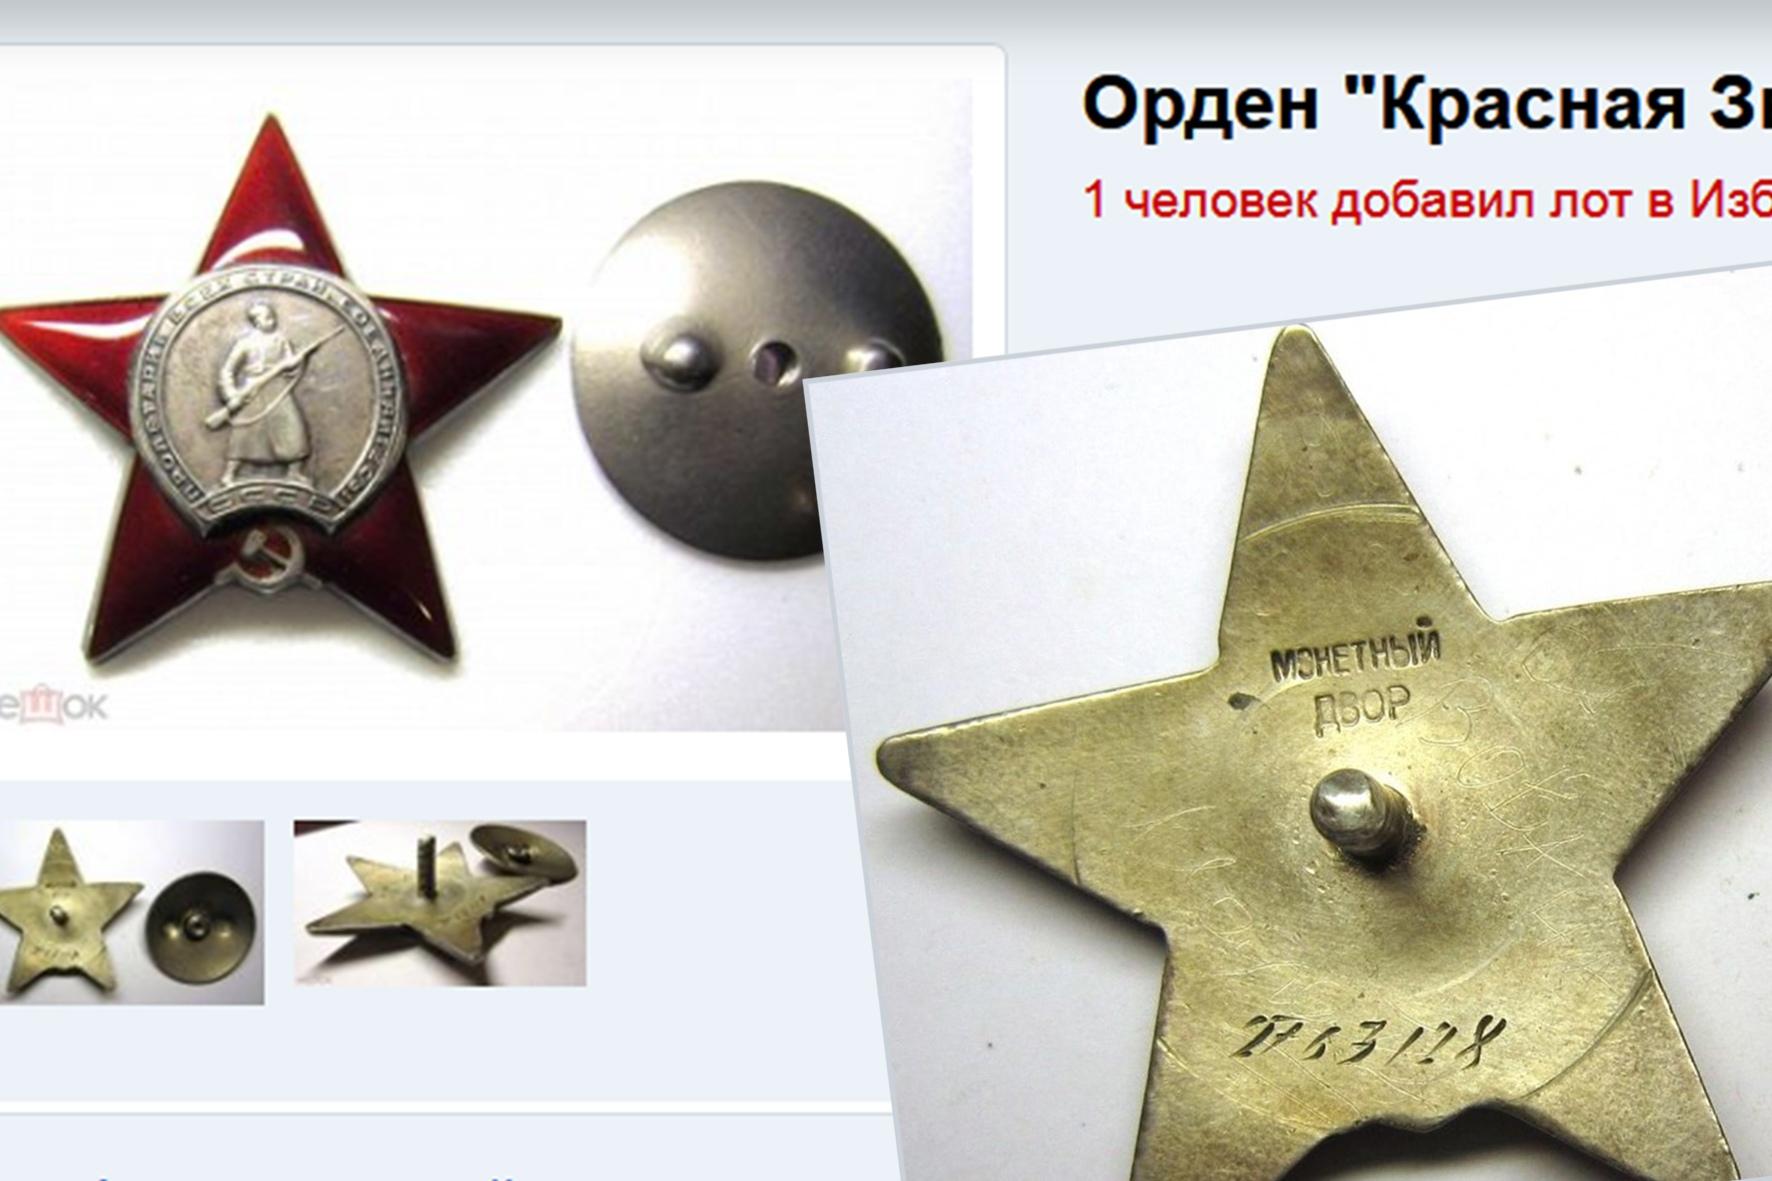 Боевой орден вернули из города Кимры Тверской области в семью фронтовика